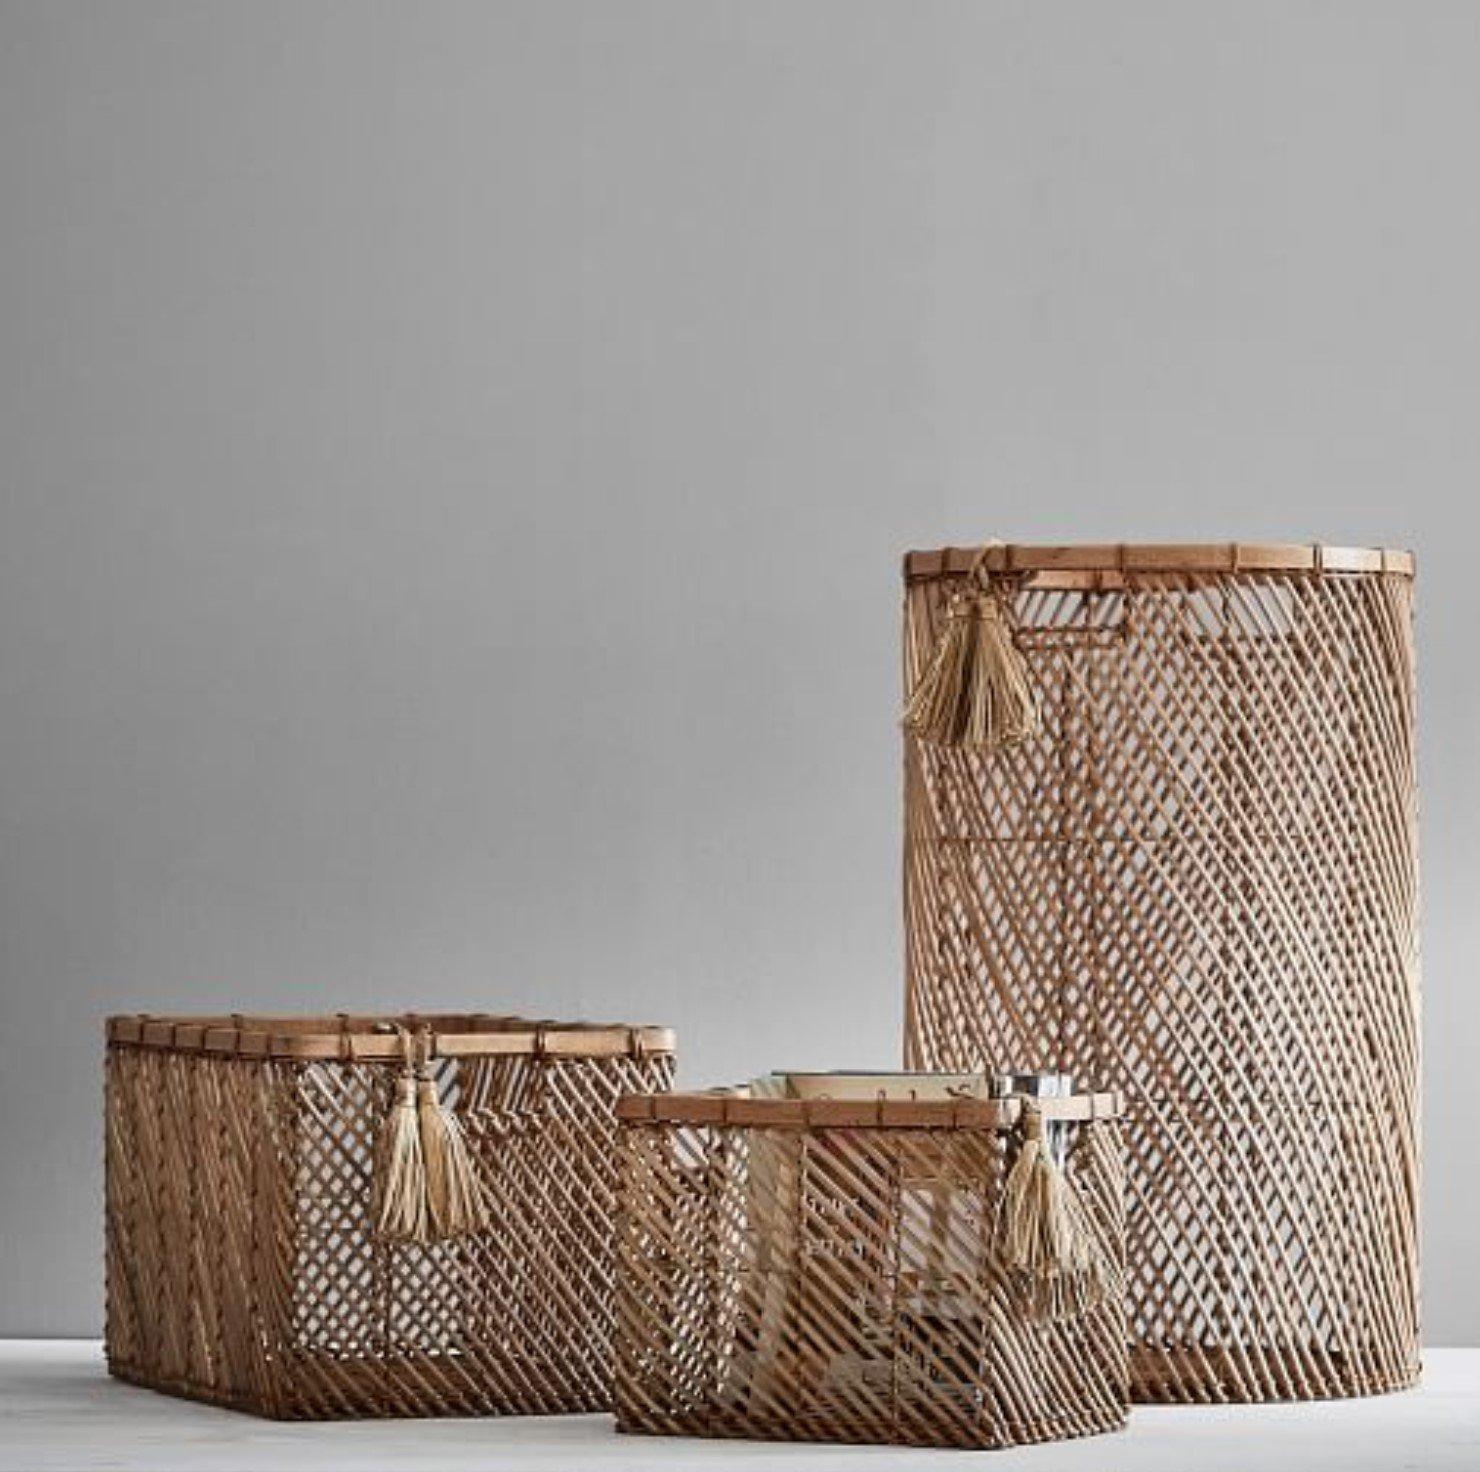 Sturdy baskets